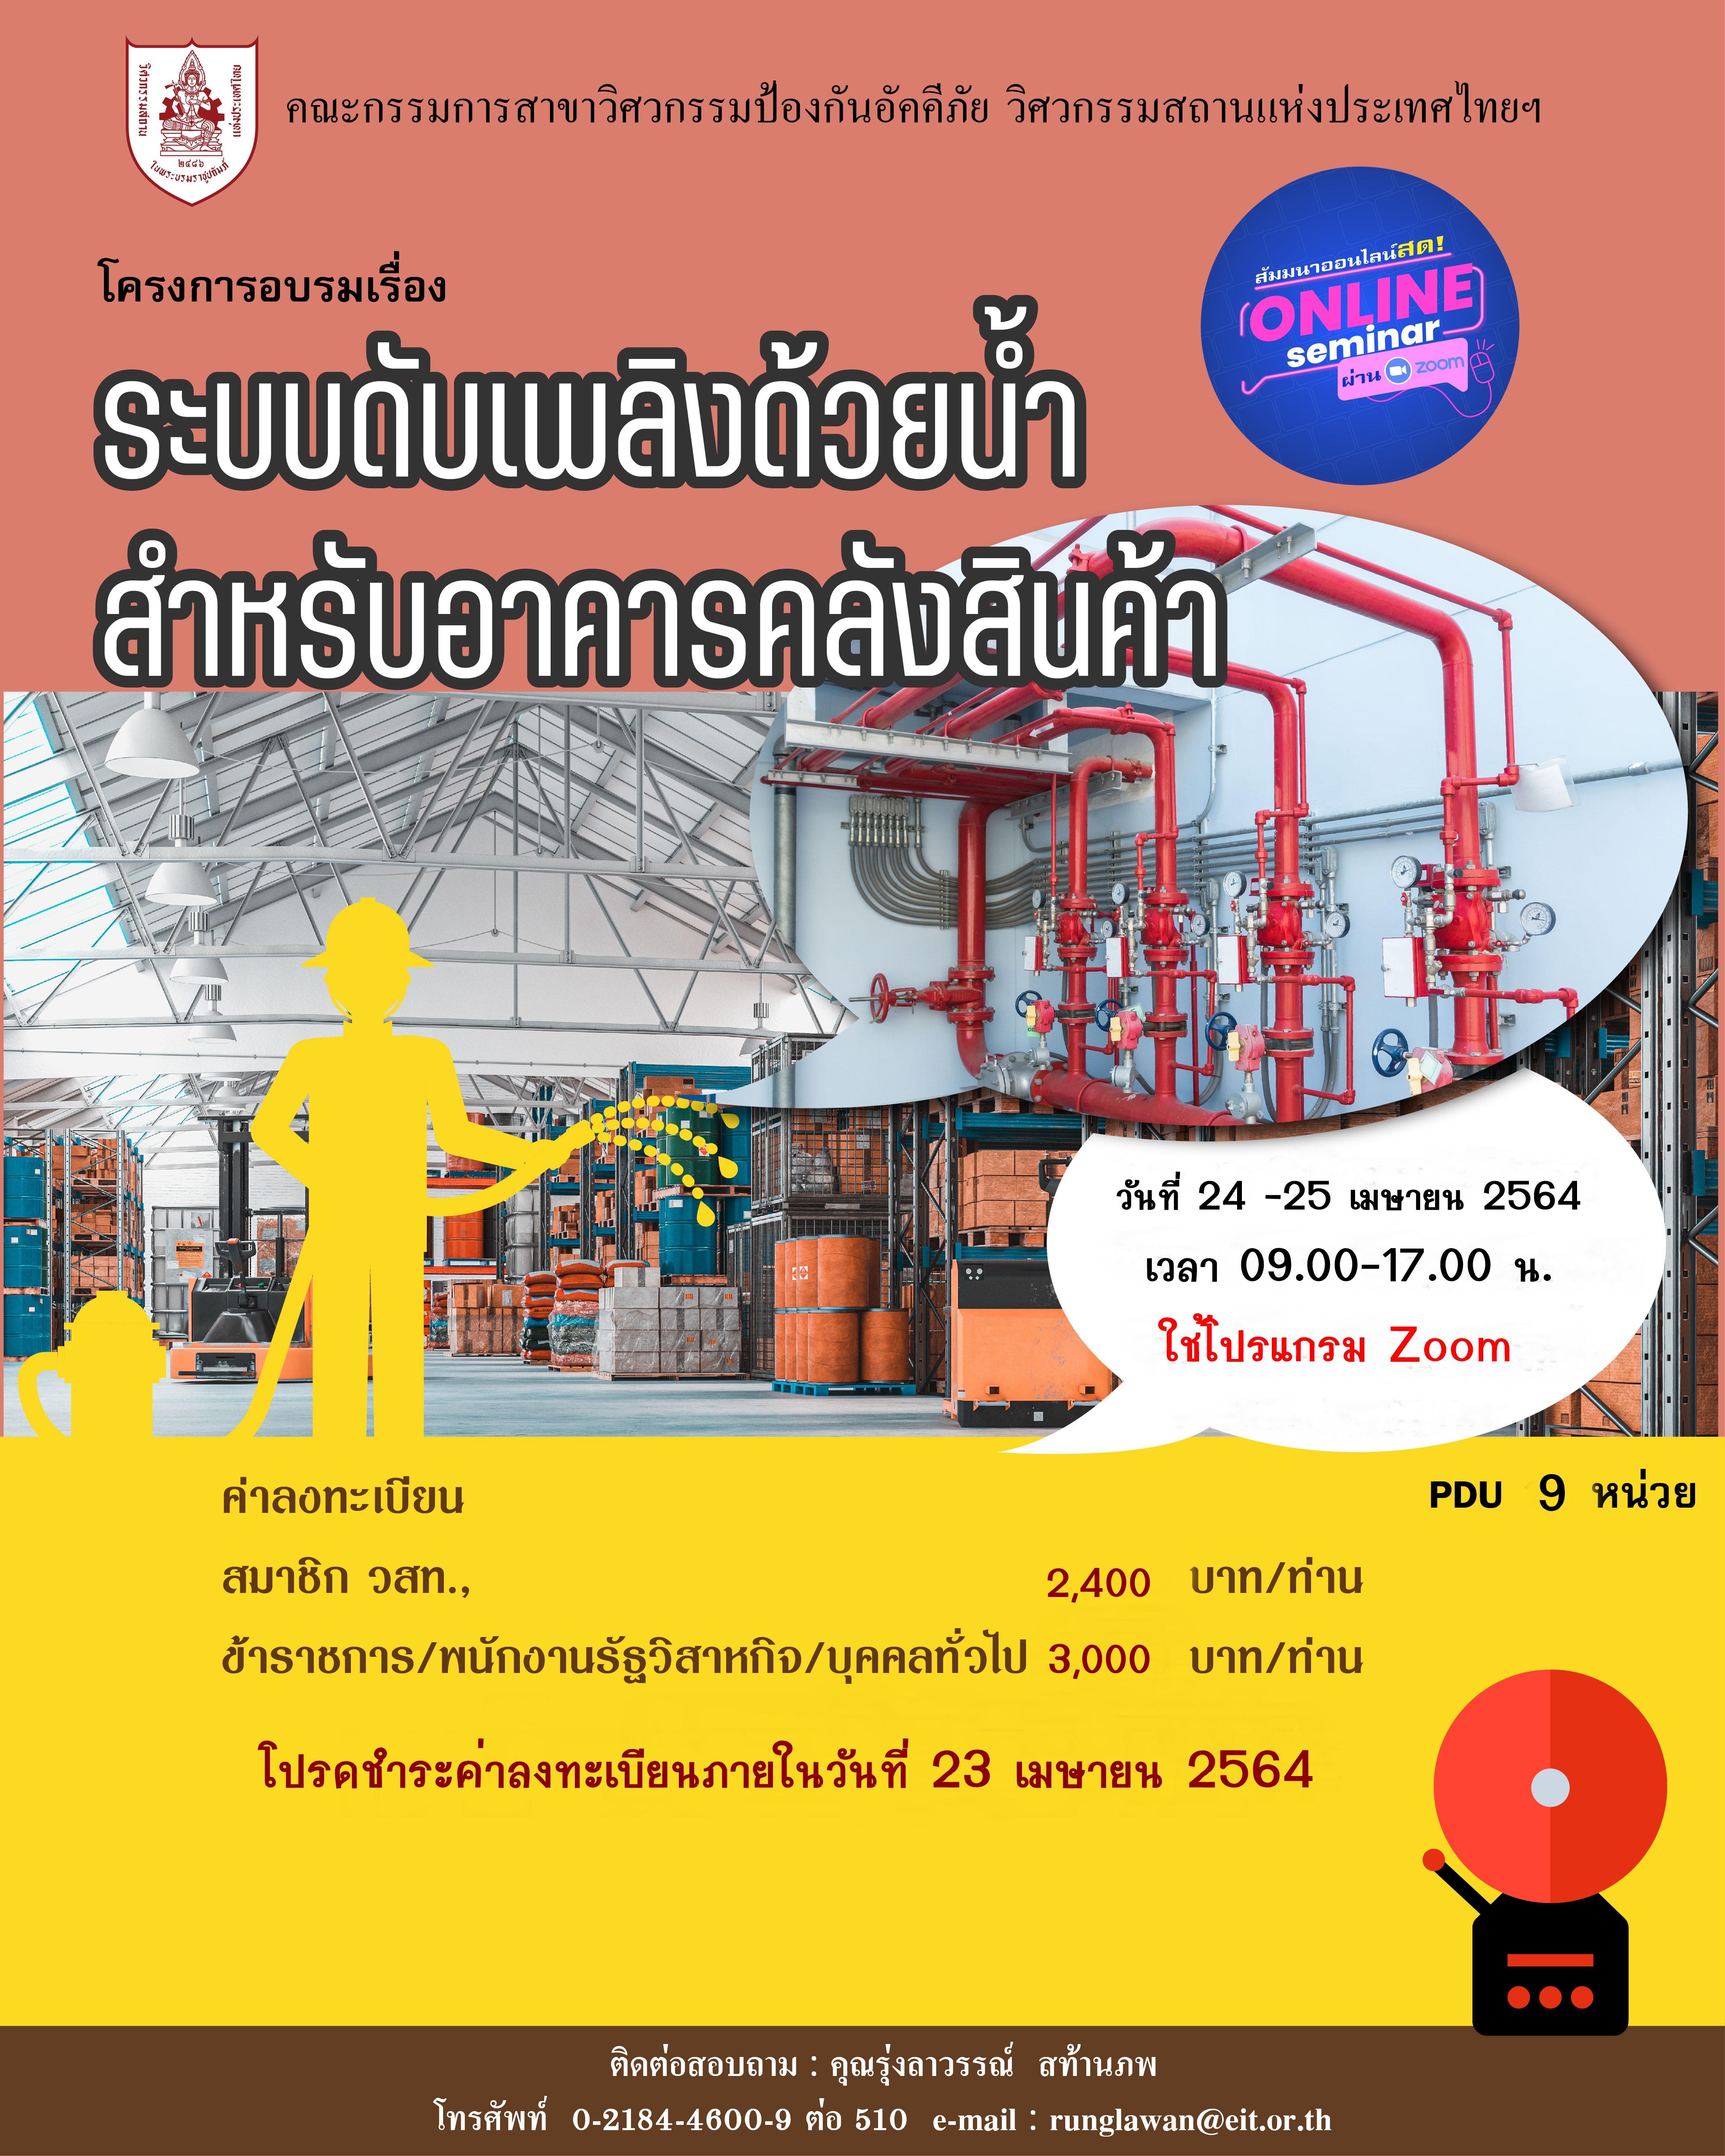 24-25/04/2564อบรมออนไลน์เรื่อง  ระบบดับเพลิงด้วยน้ำสำหรับอาคารคลังสินค้า รุ่นที่ 3  ใช้โปรแกรม Zoom